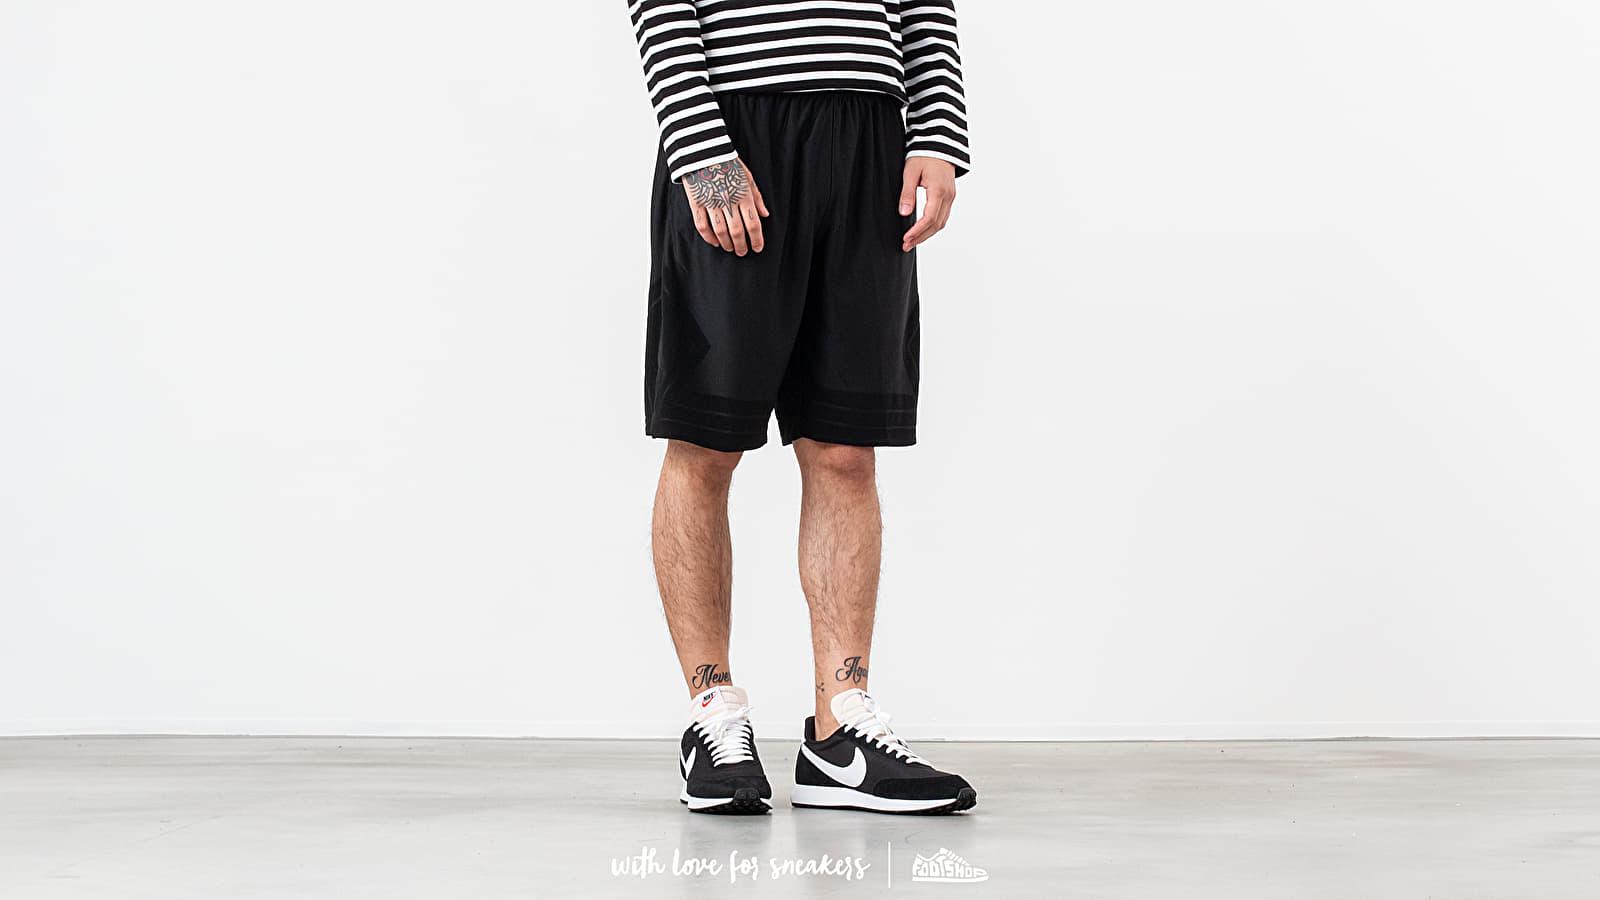 Jordan Game Basketball Shorts Black za skvělou cenu 1 690 Kč koupíte na Footshop.cz